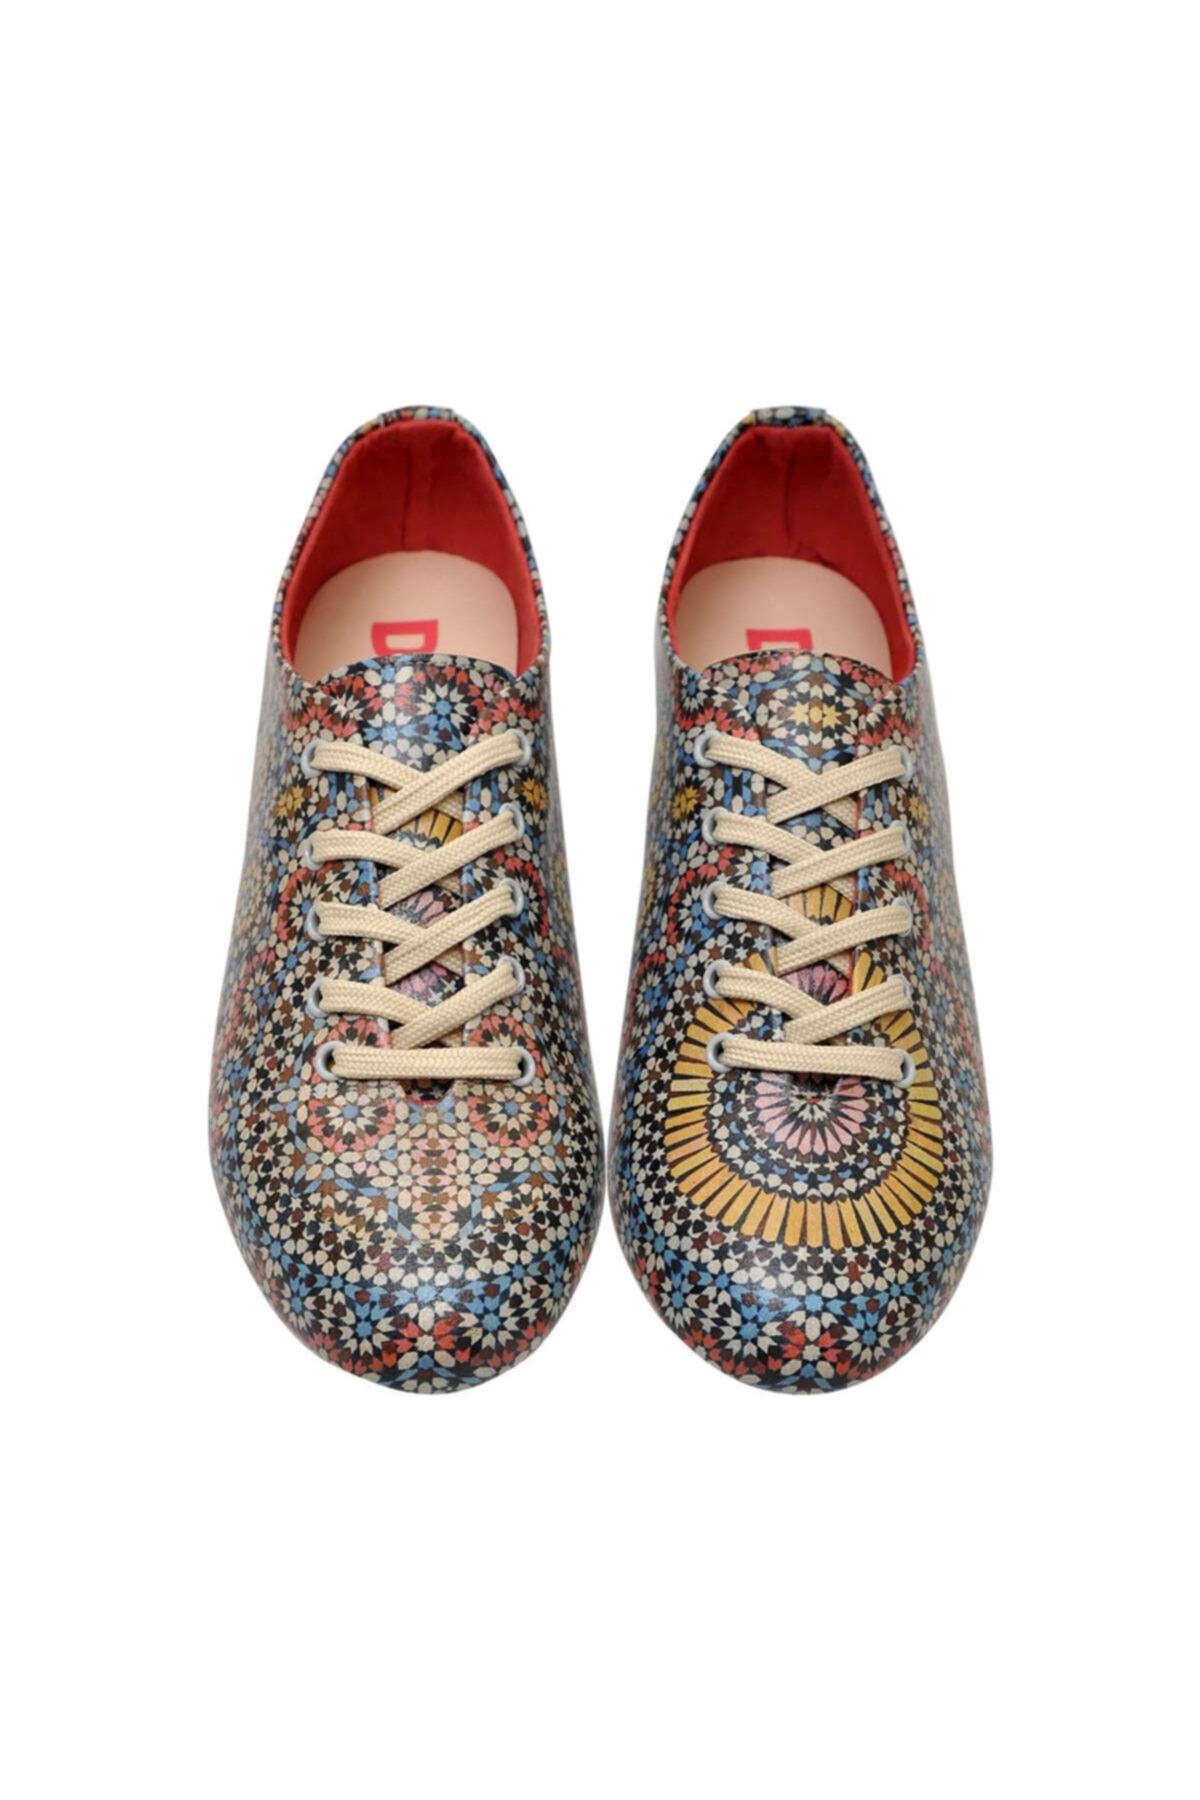 Dogo Kadın Bej Colorful Oxford Ayakkabı 2